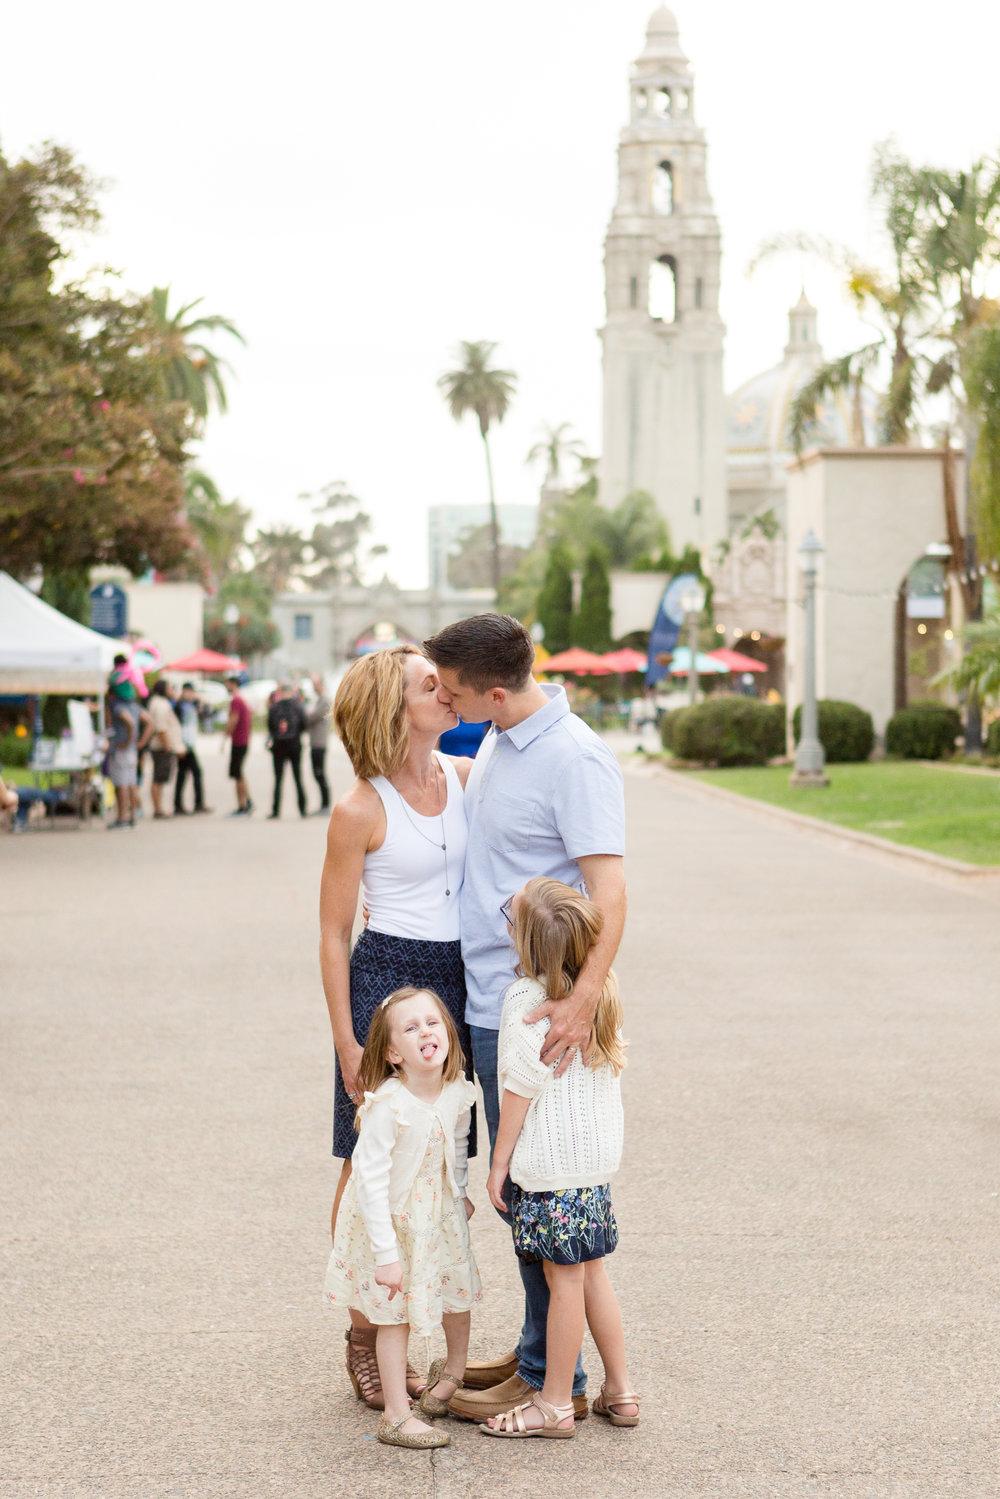 San Diego Family Photographer Balboa Park Christine Dammann Photography-14.jpg